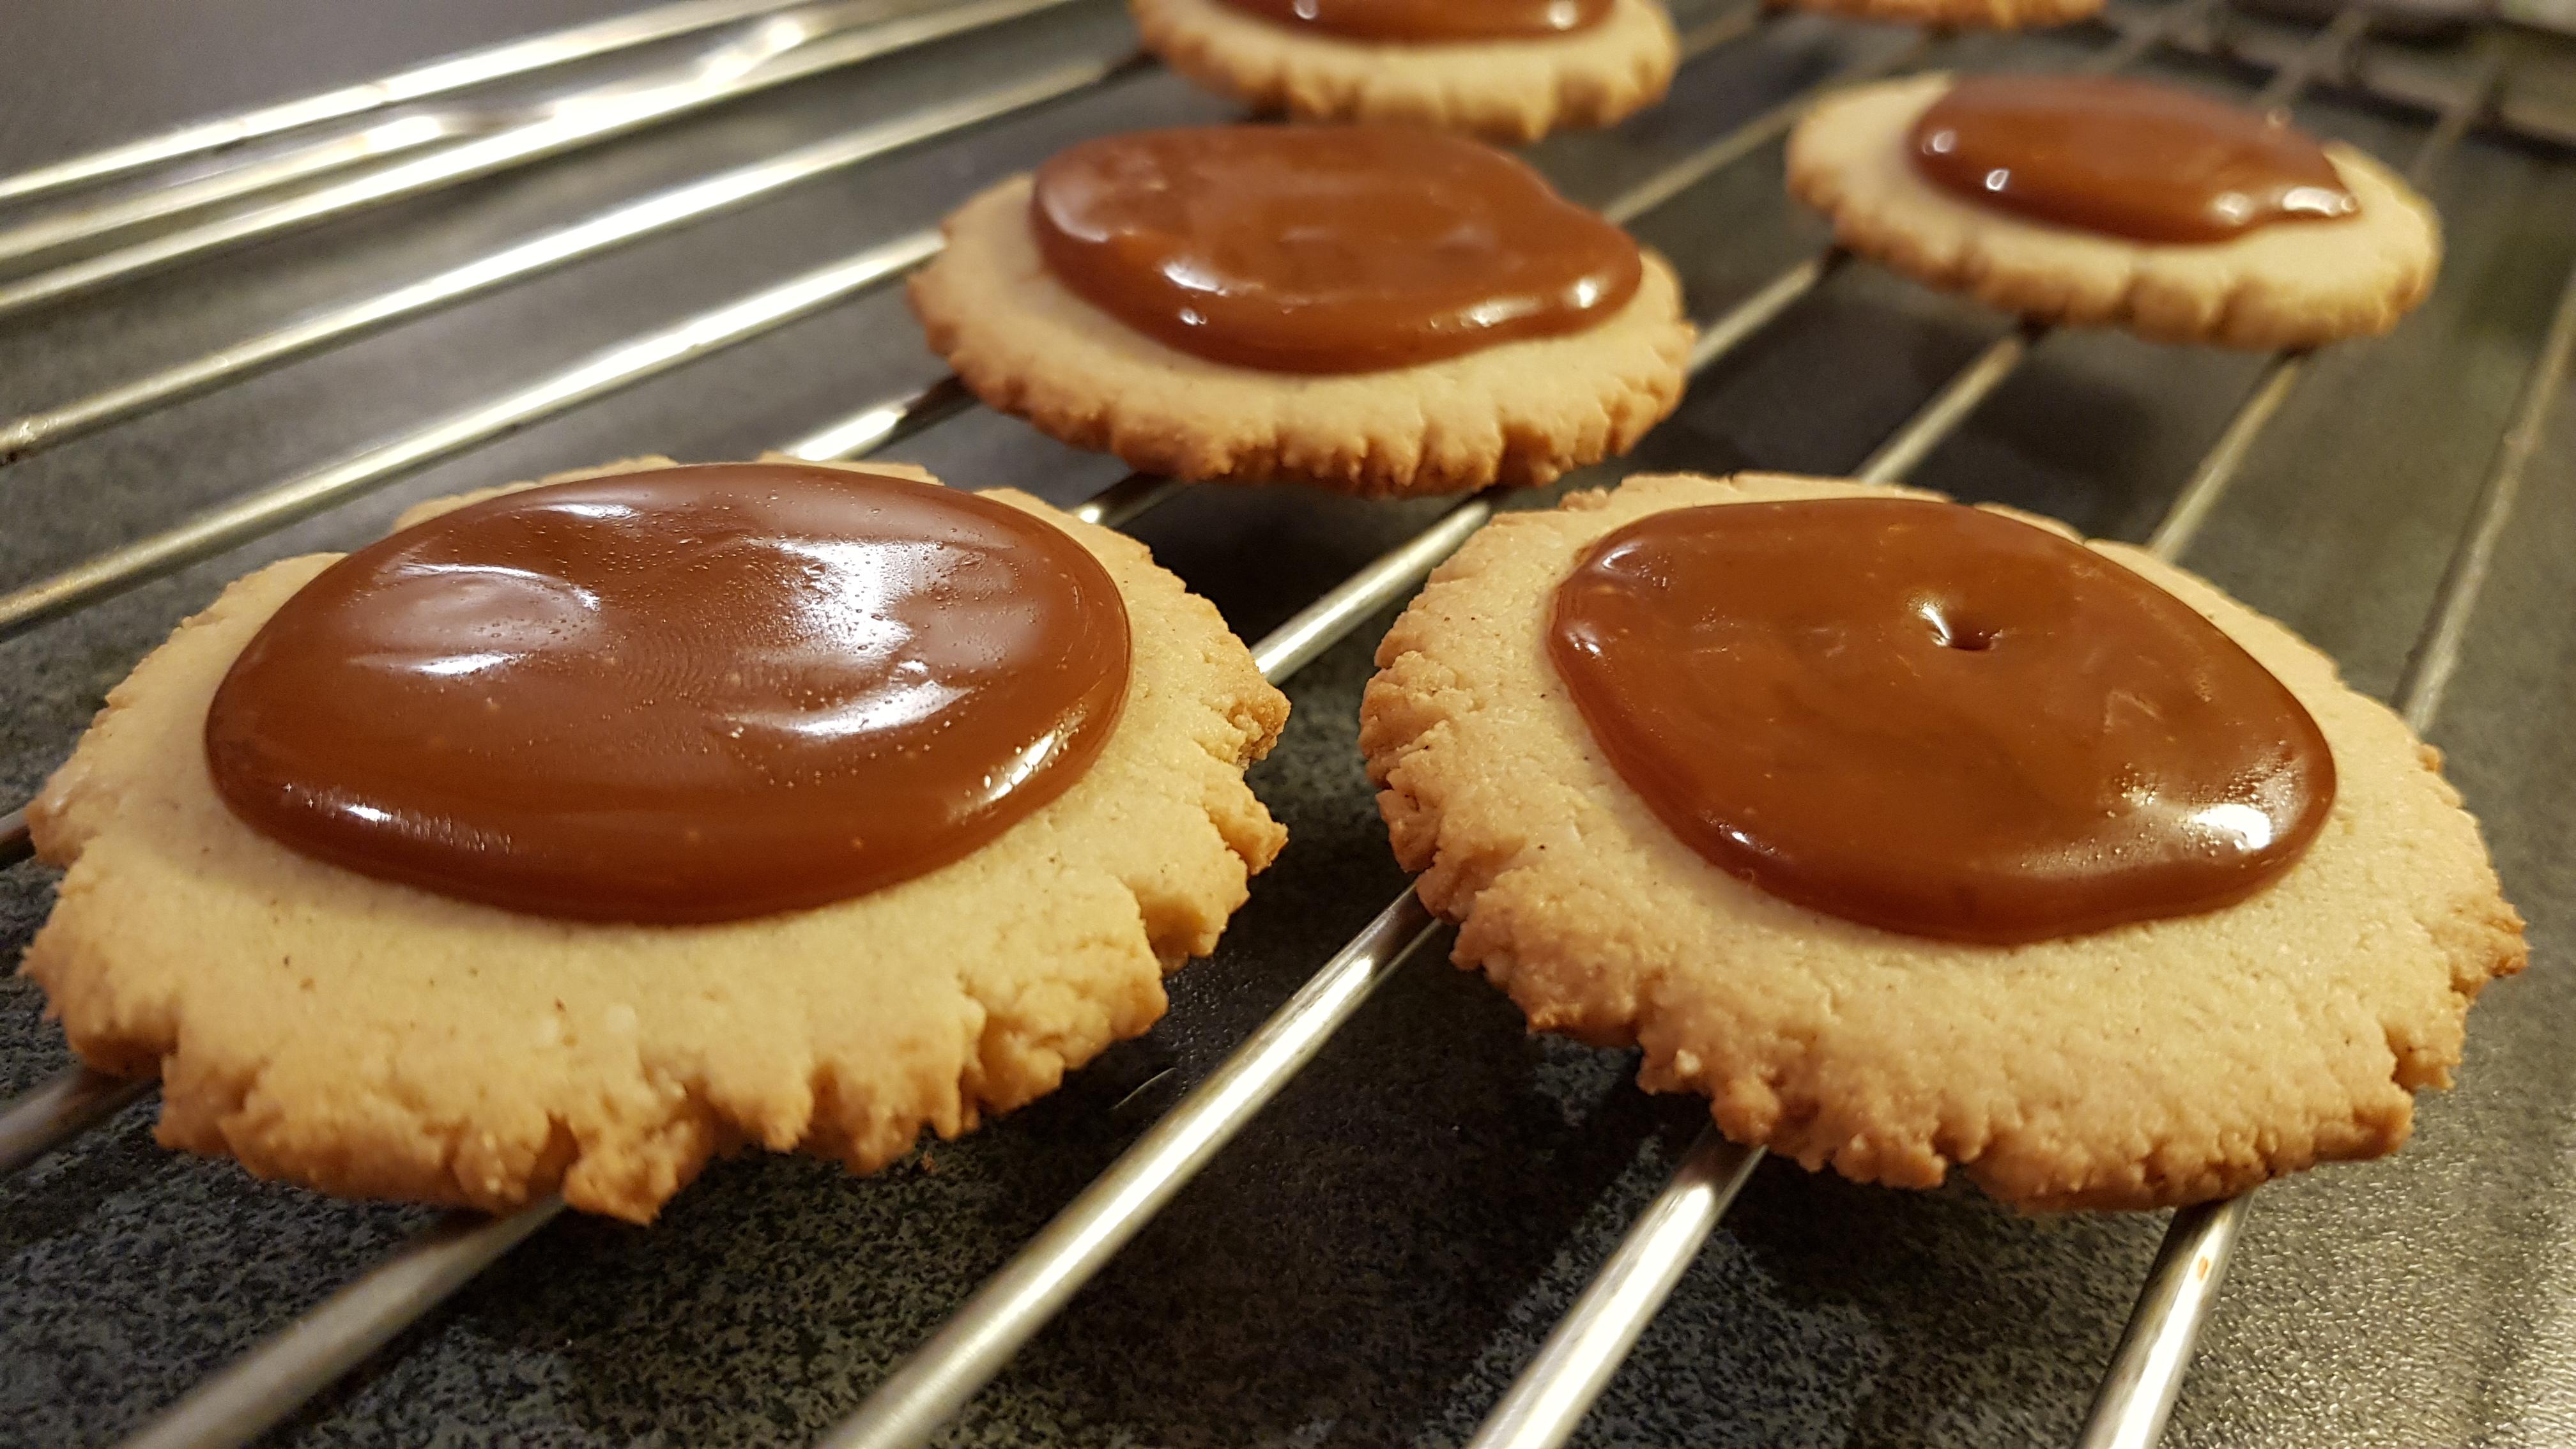 kjeks med sjokolade og karamell